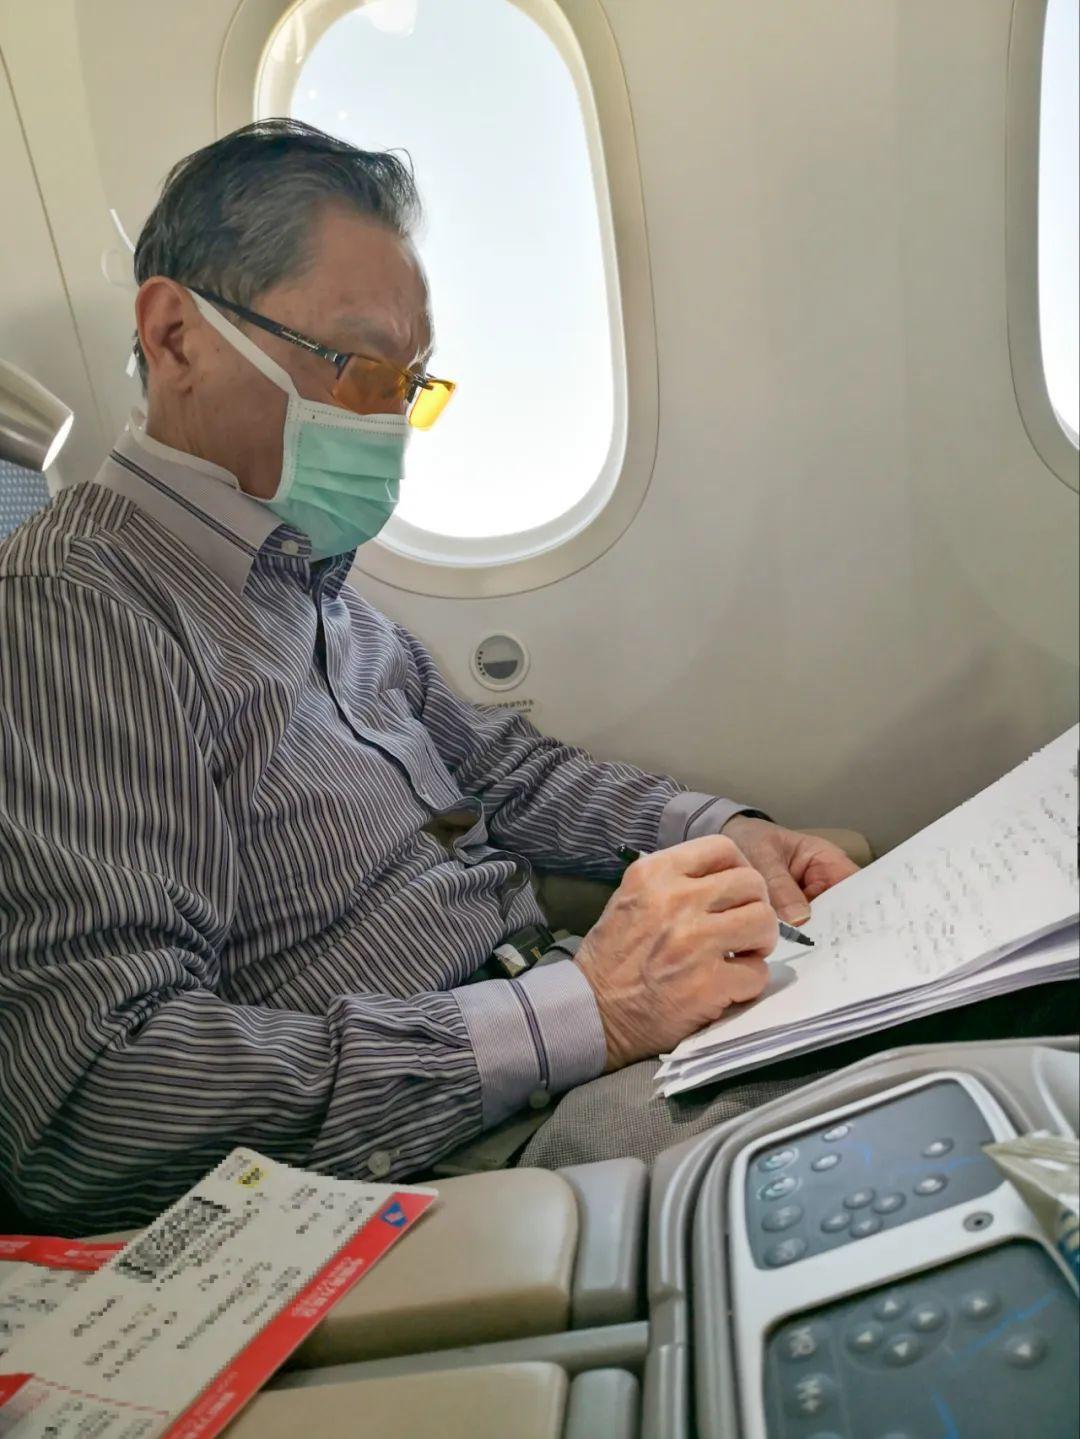 1月30日,鍾南山院士在飛機上處理工作